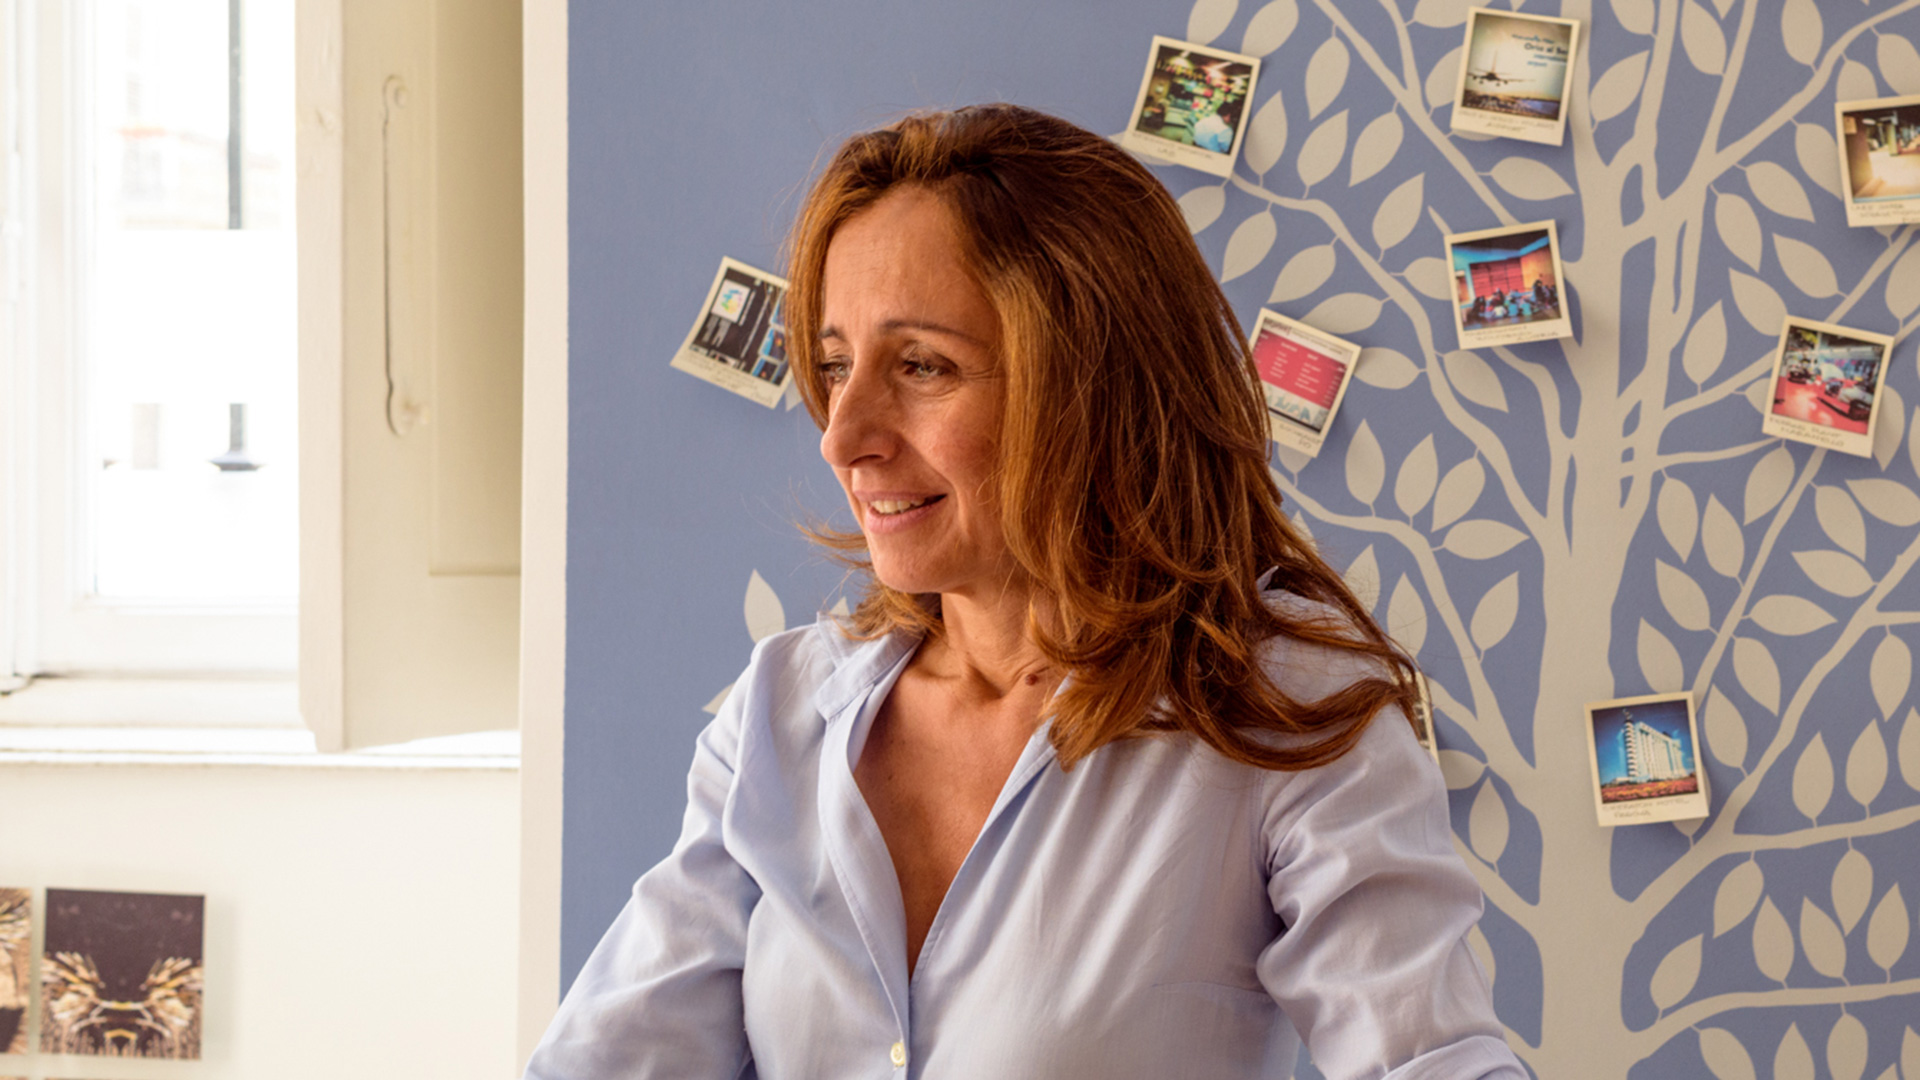 Betta Maggio